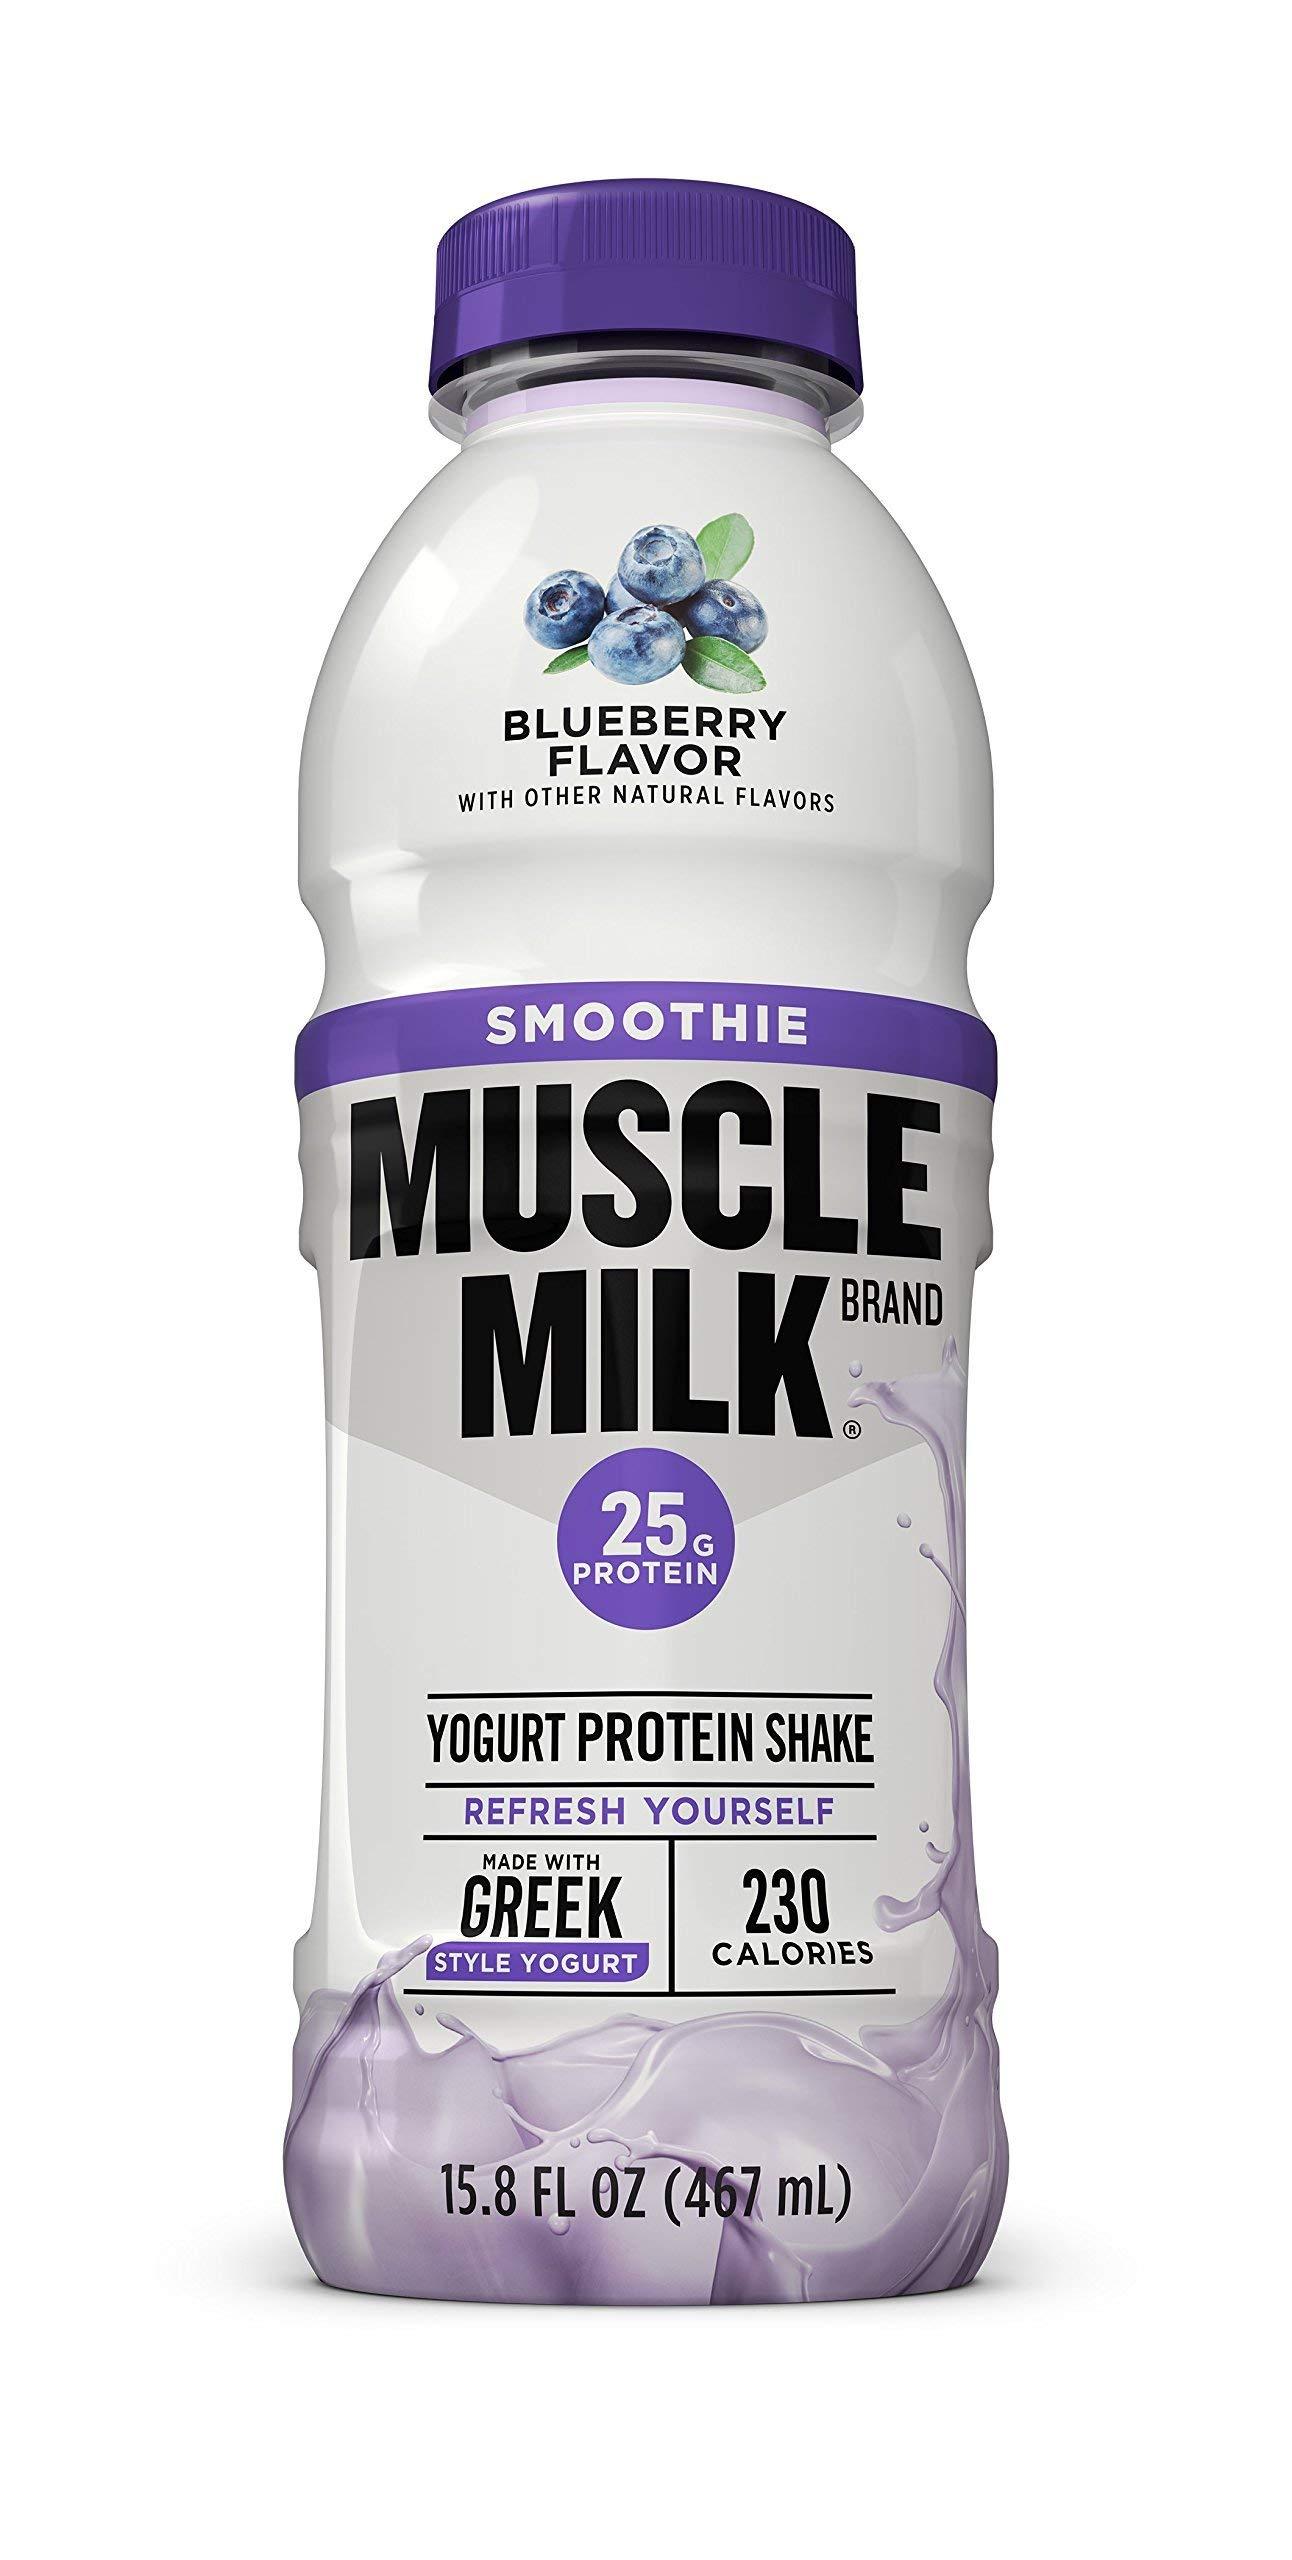 Muscle Milk Smoothie Protein Yogurt Shake, Blueberry, 25g Protein, 15.8 FL OZ,